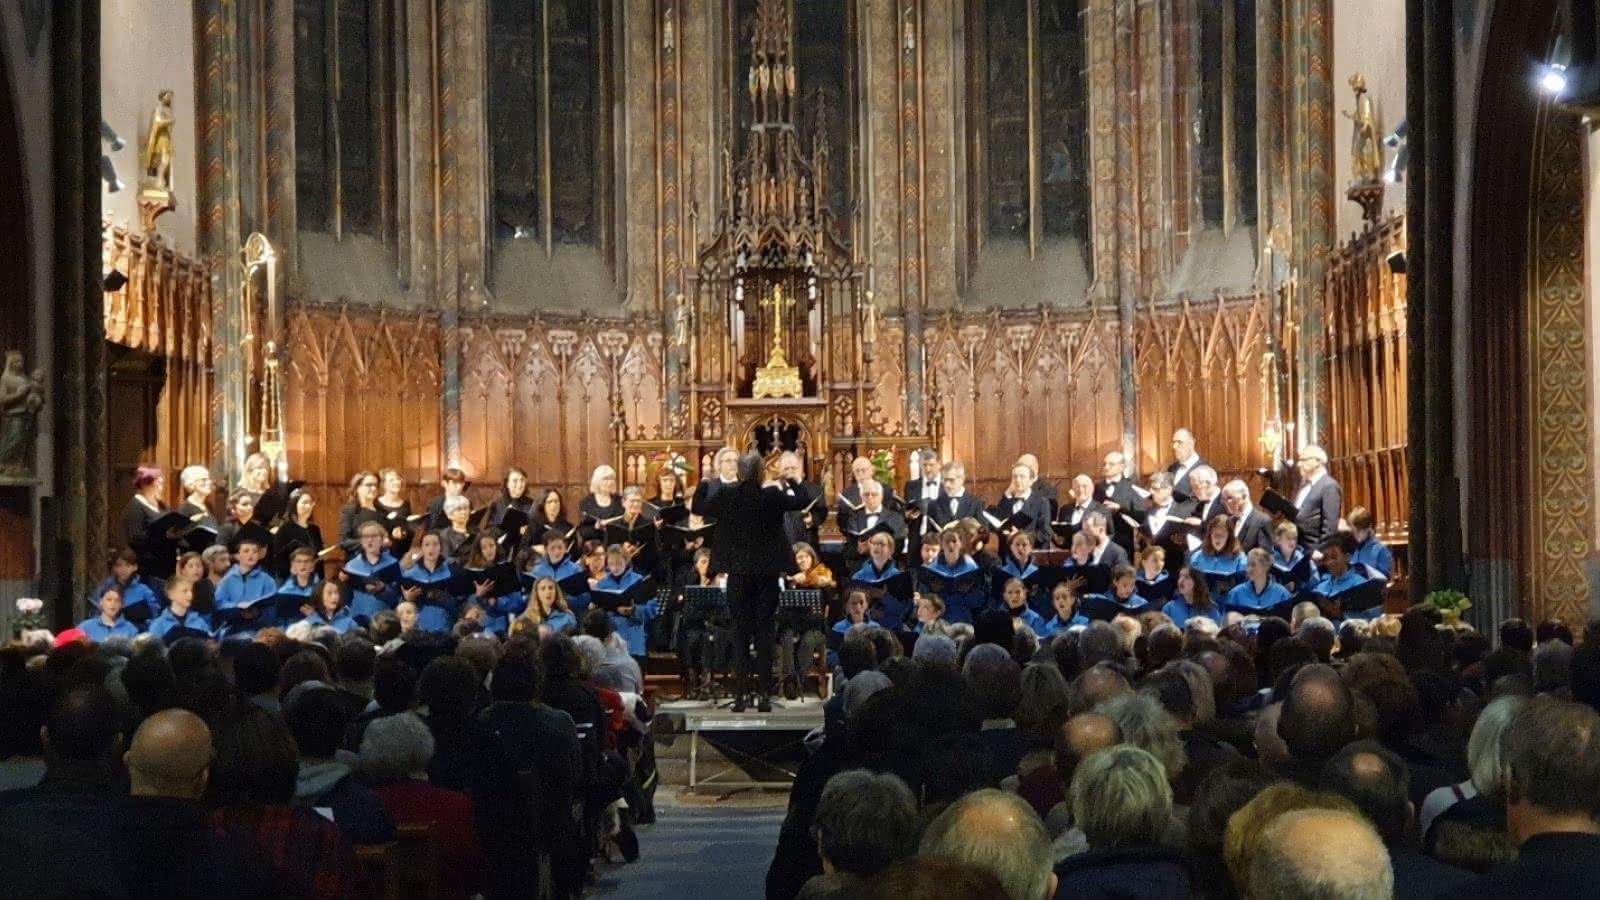 Choeur Régional d'Auvergne : Concert de Noël - Britten